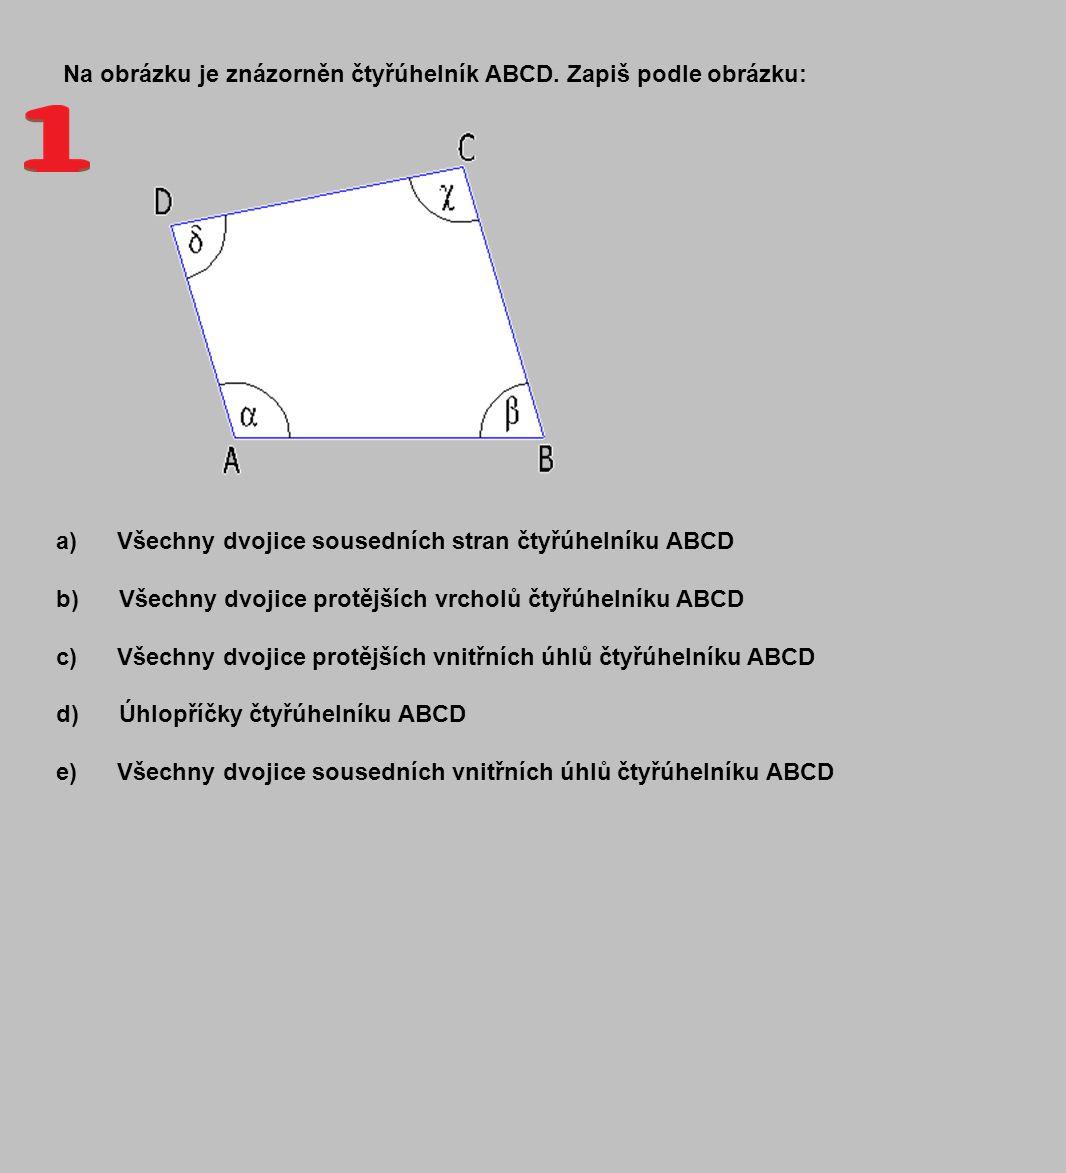 Na obrázku je znázorněn čtyřúhelník ABCD. Zapiš podle obrázku: a) Všechny dvojice sousedních stran čtyřúhelníku ABCD b) Všechny dvojice protějších vrc